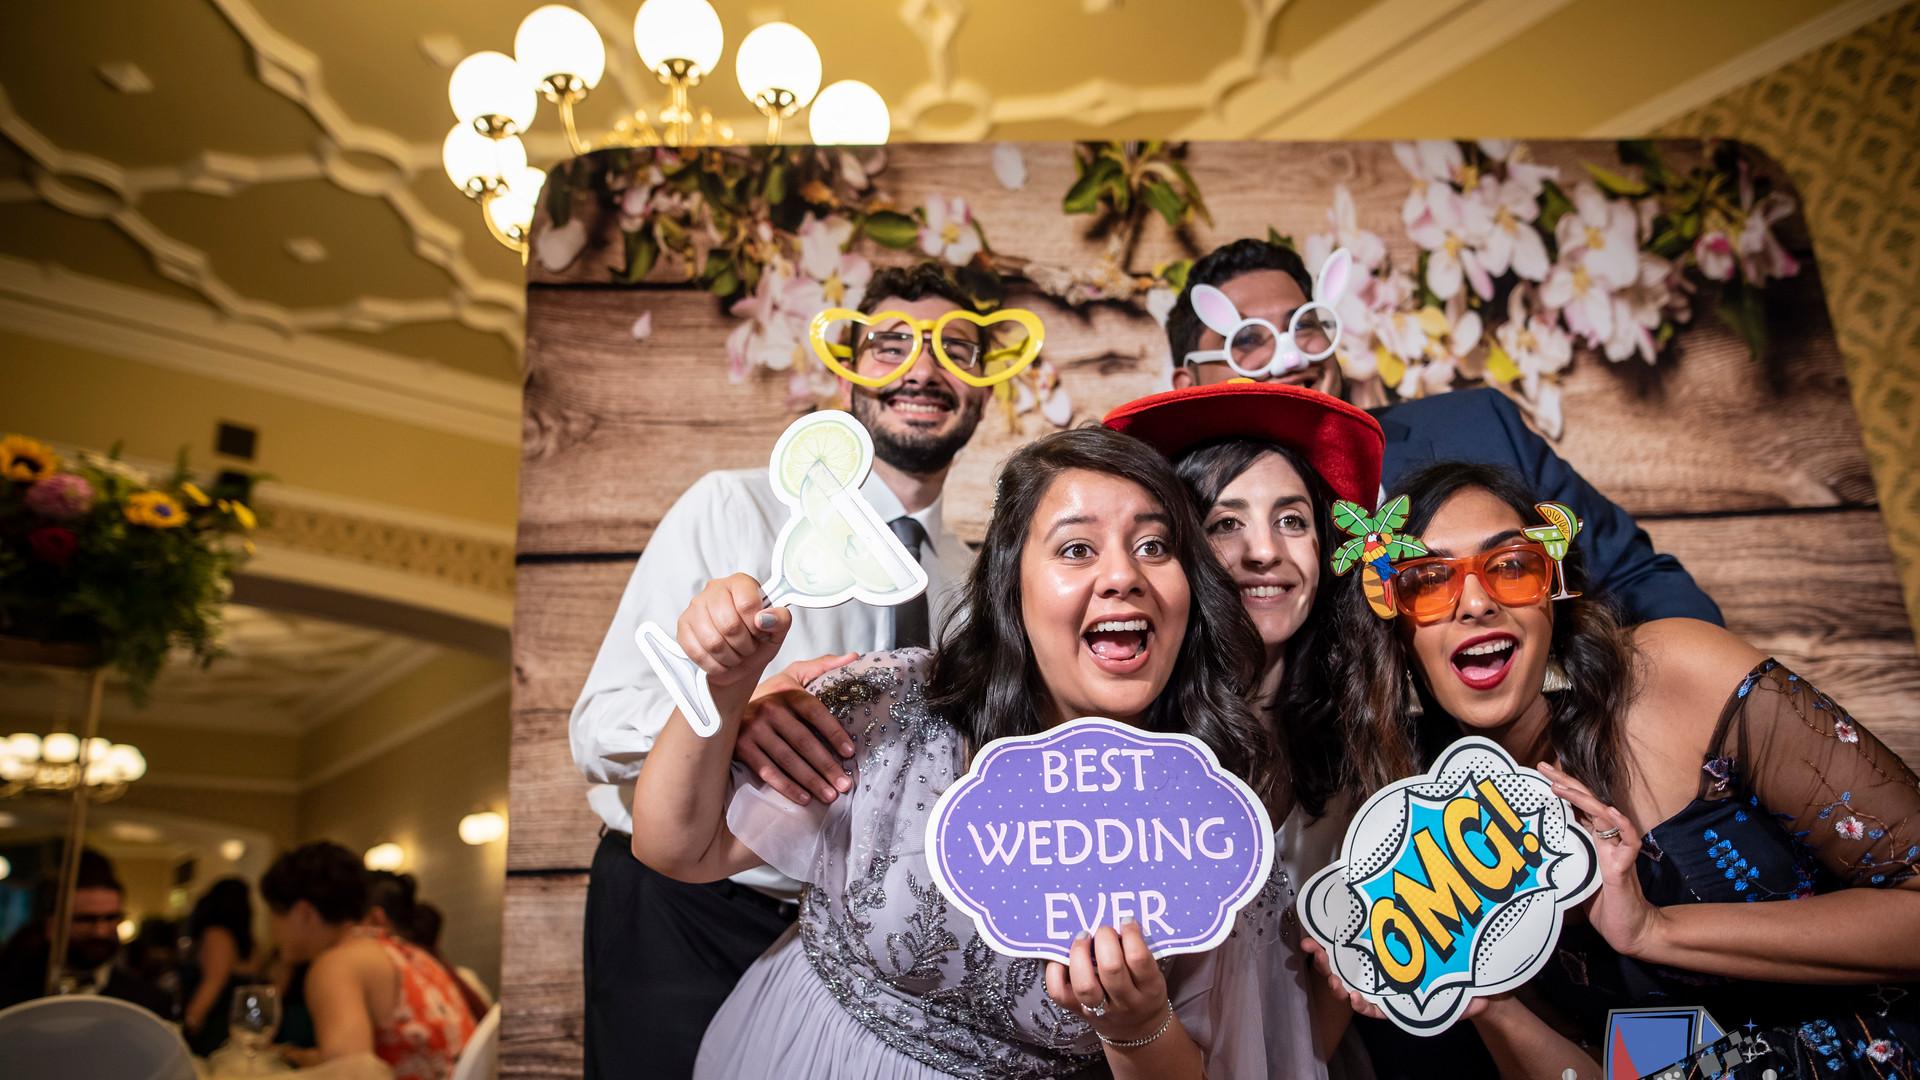 We LOVE Weddings!